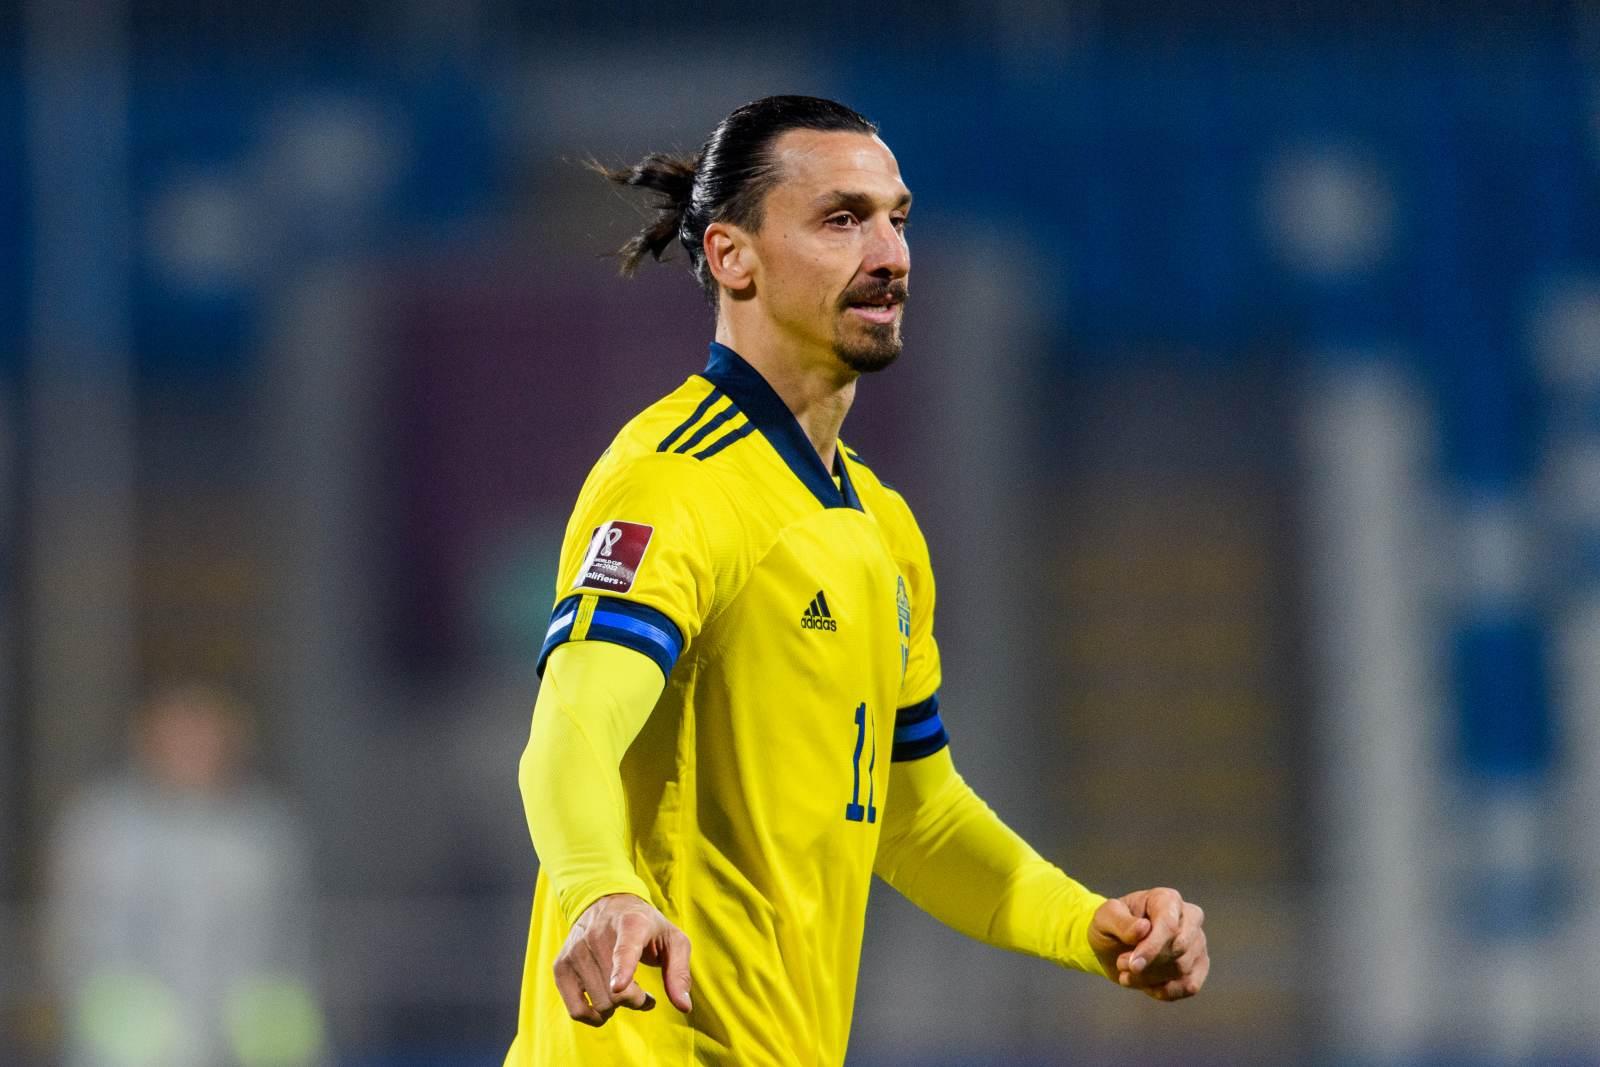 Ибрагимовича вызвали в состав сборной Швеции на октябрьские матчи отбора ЧМ-2022